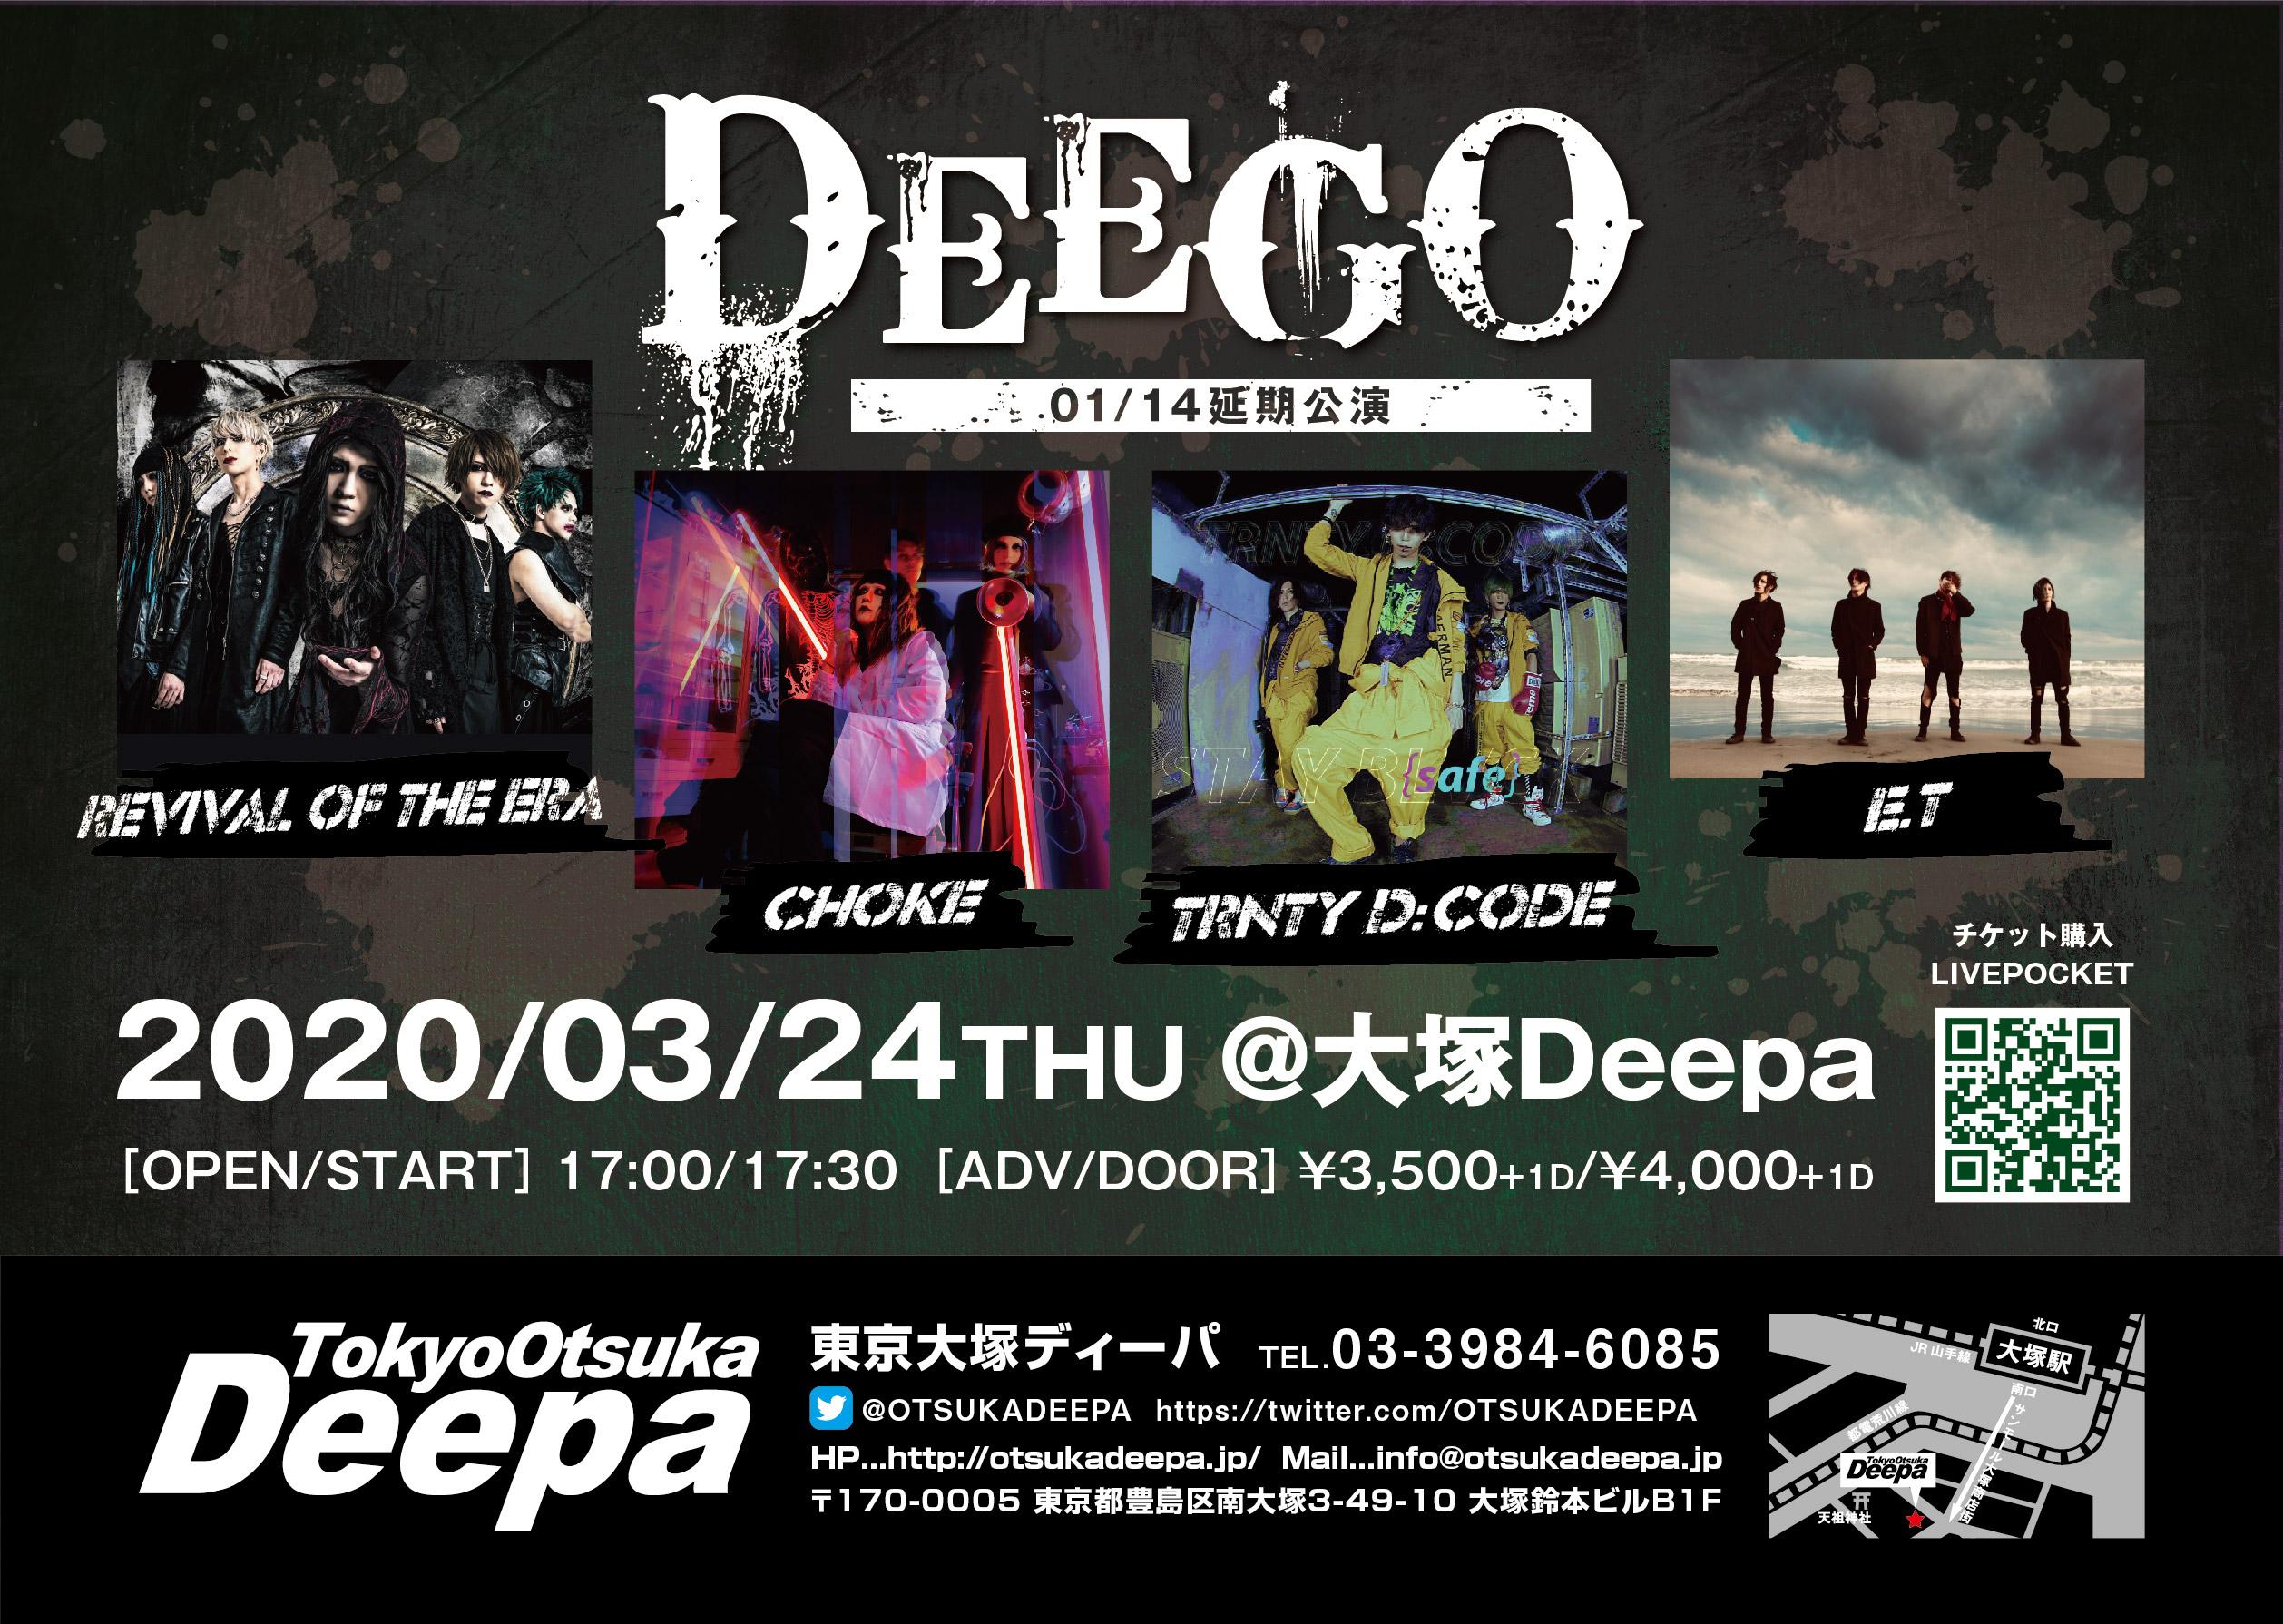 DEEGO 2021/01/14 延期公演